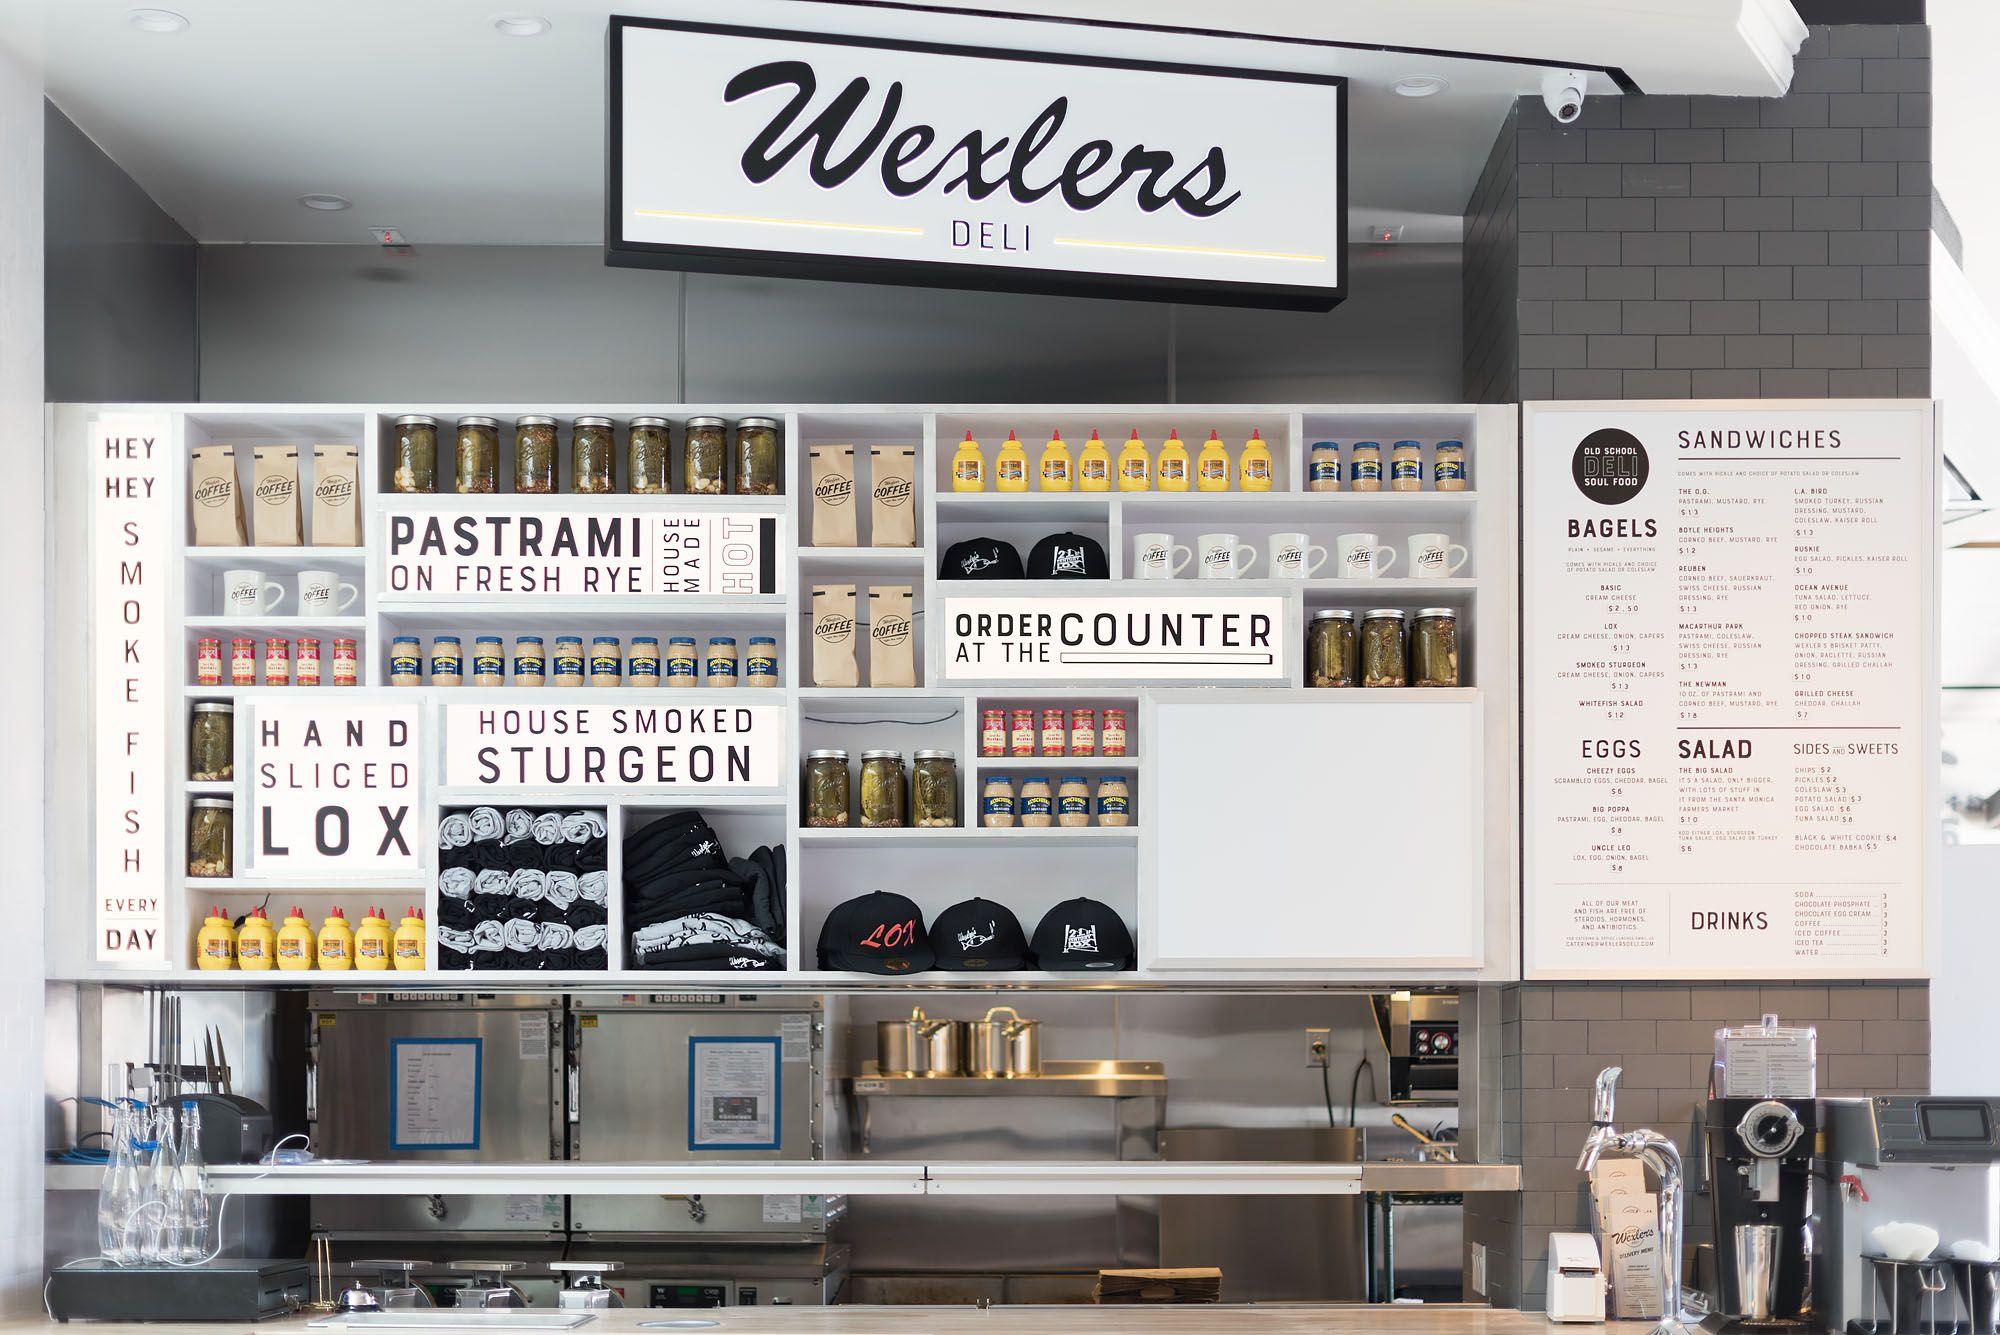 Wexler's Deli  : More Than Just a Deli Counter